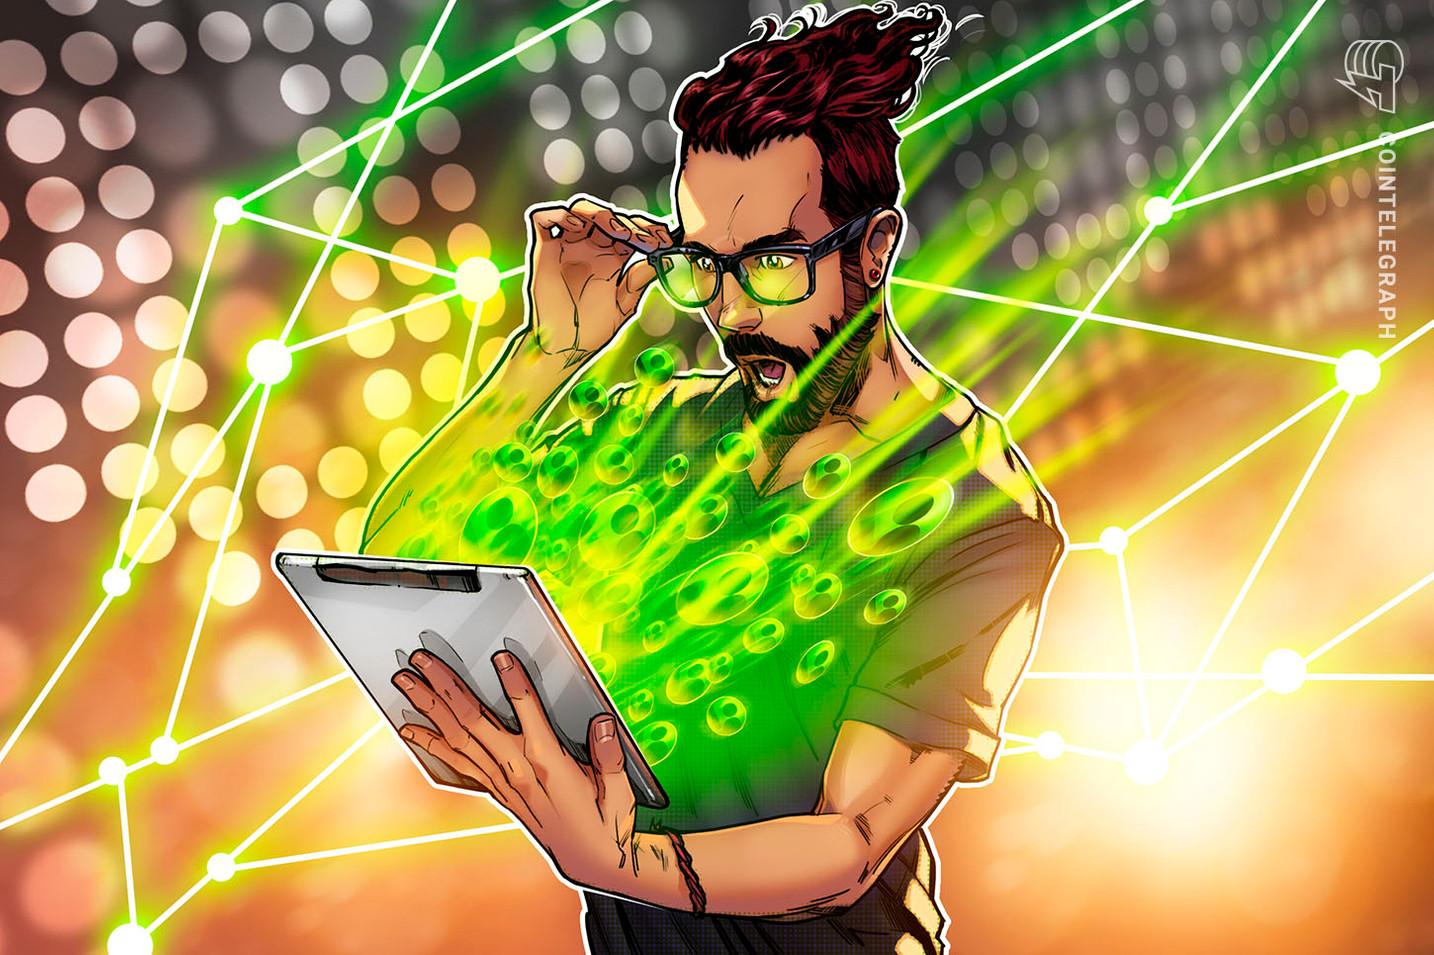 Os aplicativos sociais são a próxima grande tendência em cripto